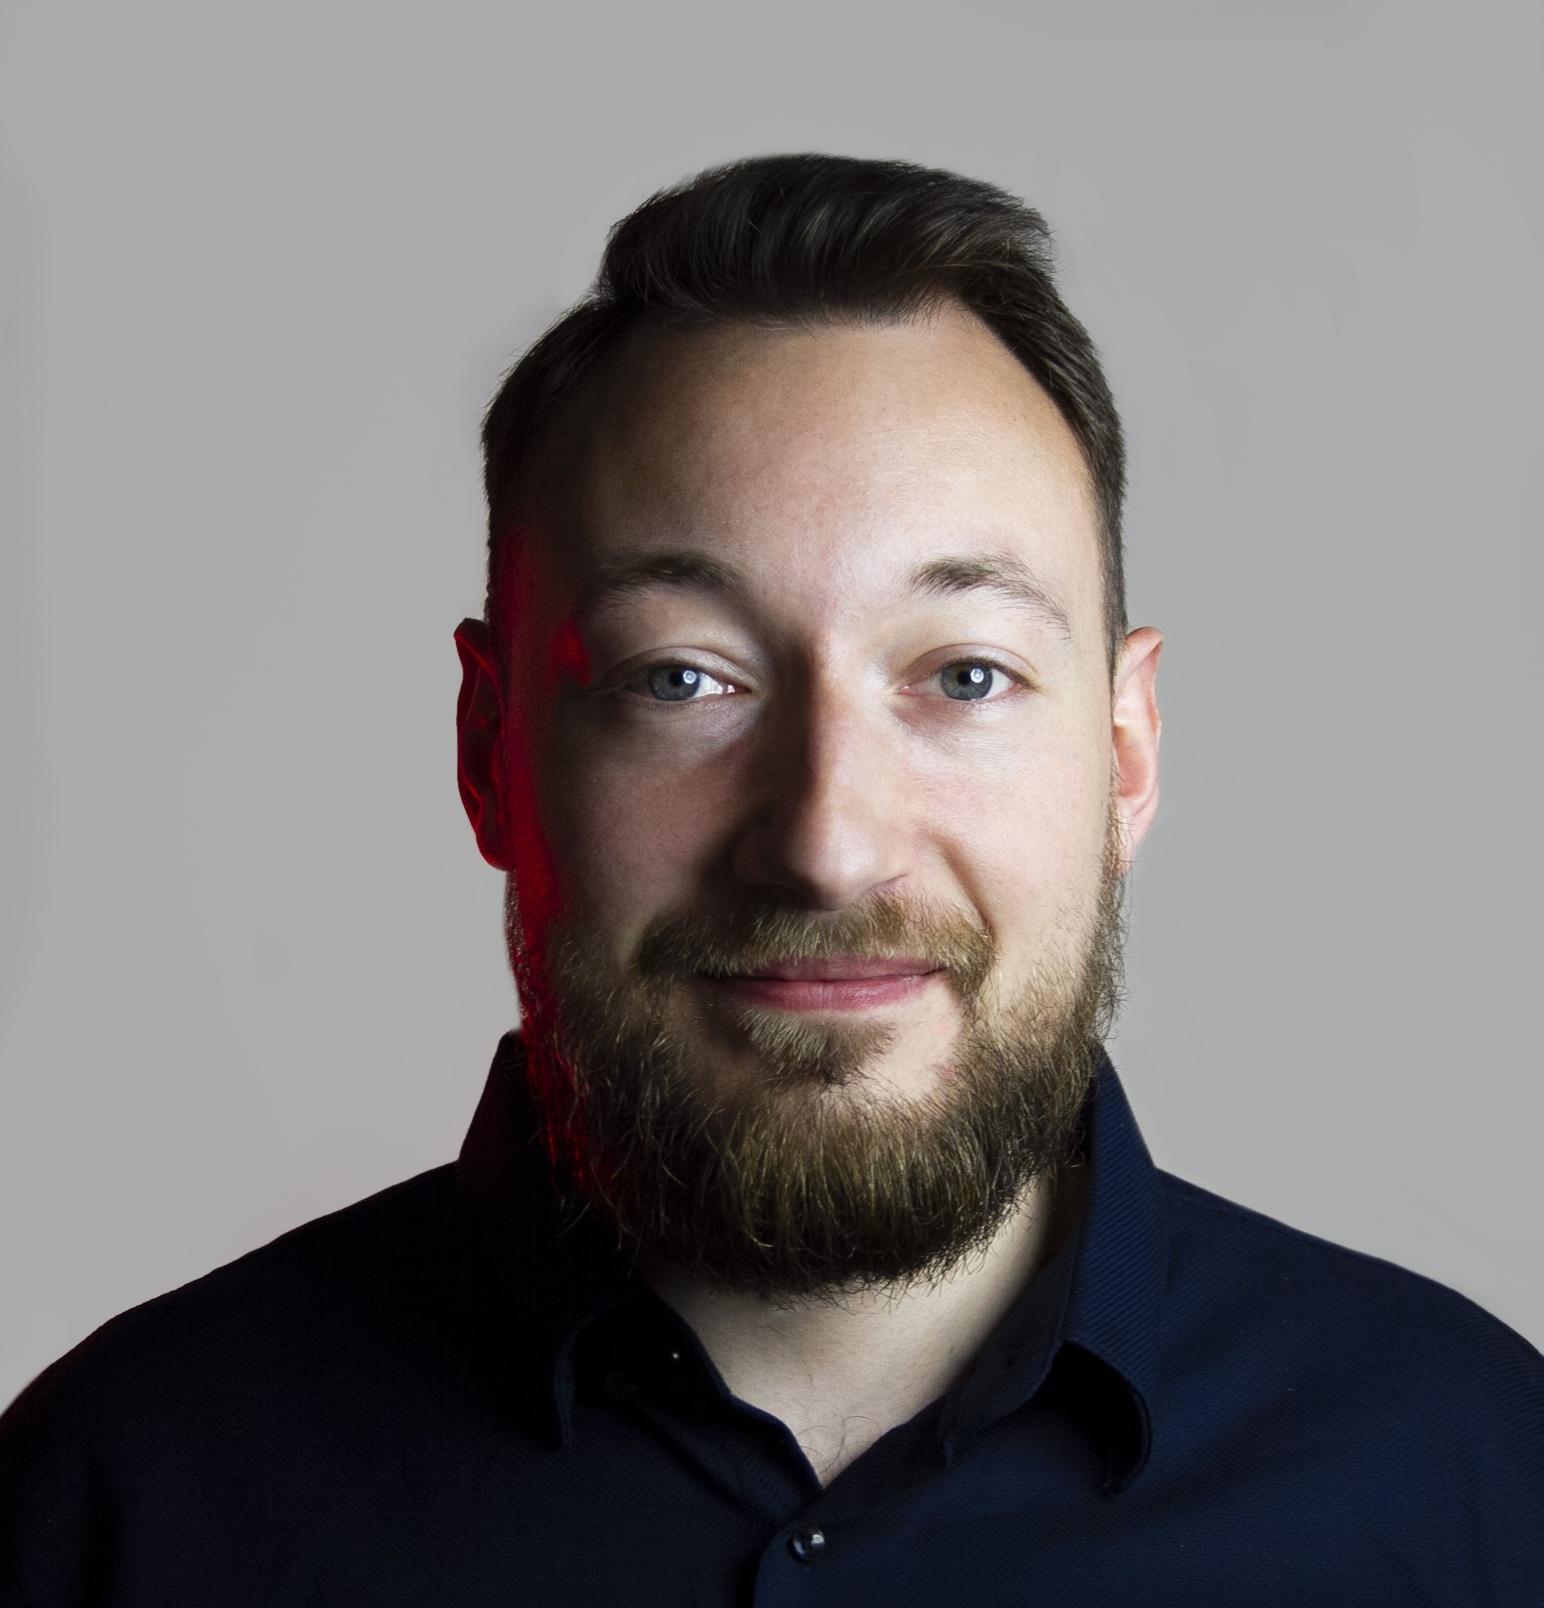 Jakub Bendlewski